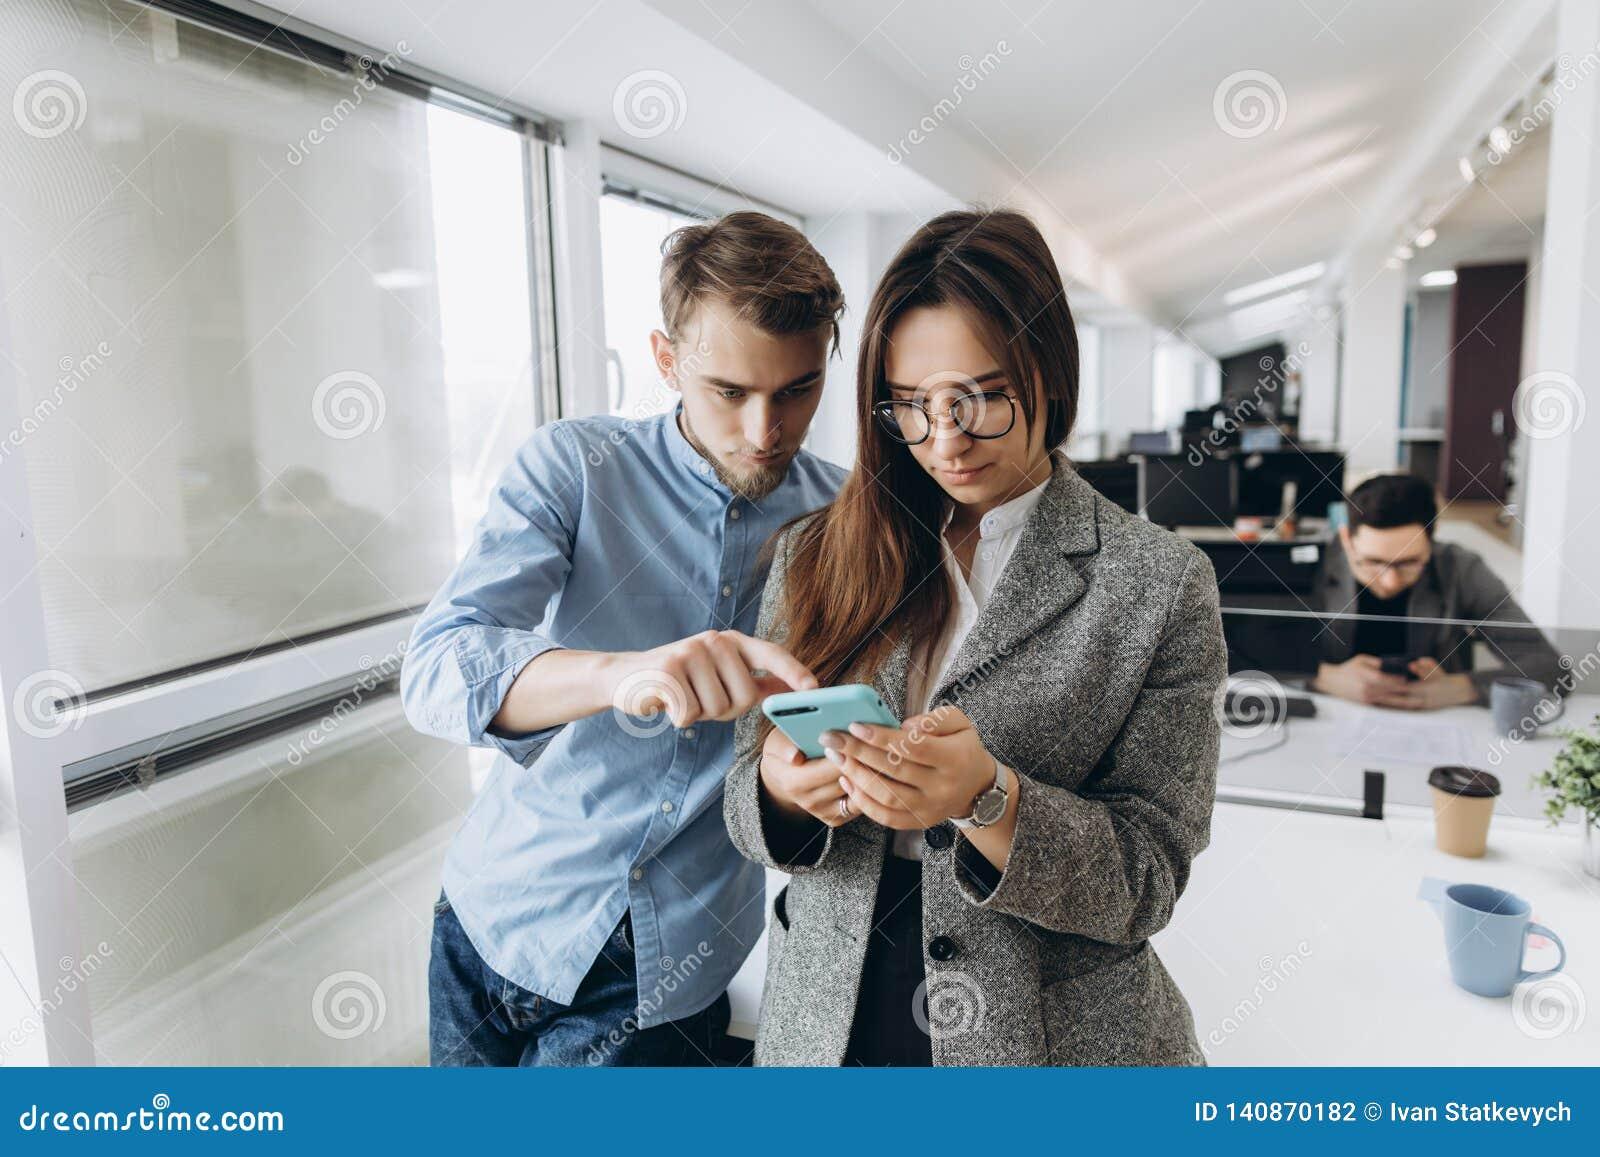 Verbinden Sie von den Mitarbeitern, die Studenten, die zusammen den Smartphone teilen und im kreativen Büro stehen